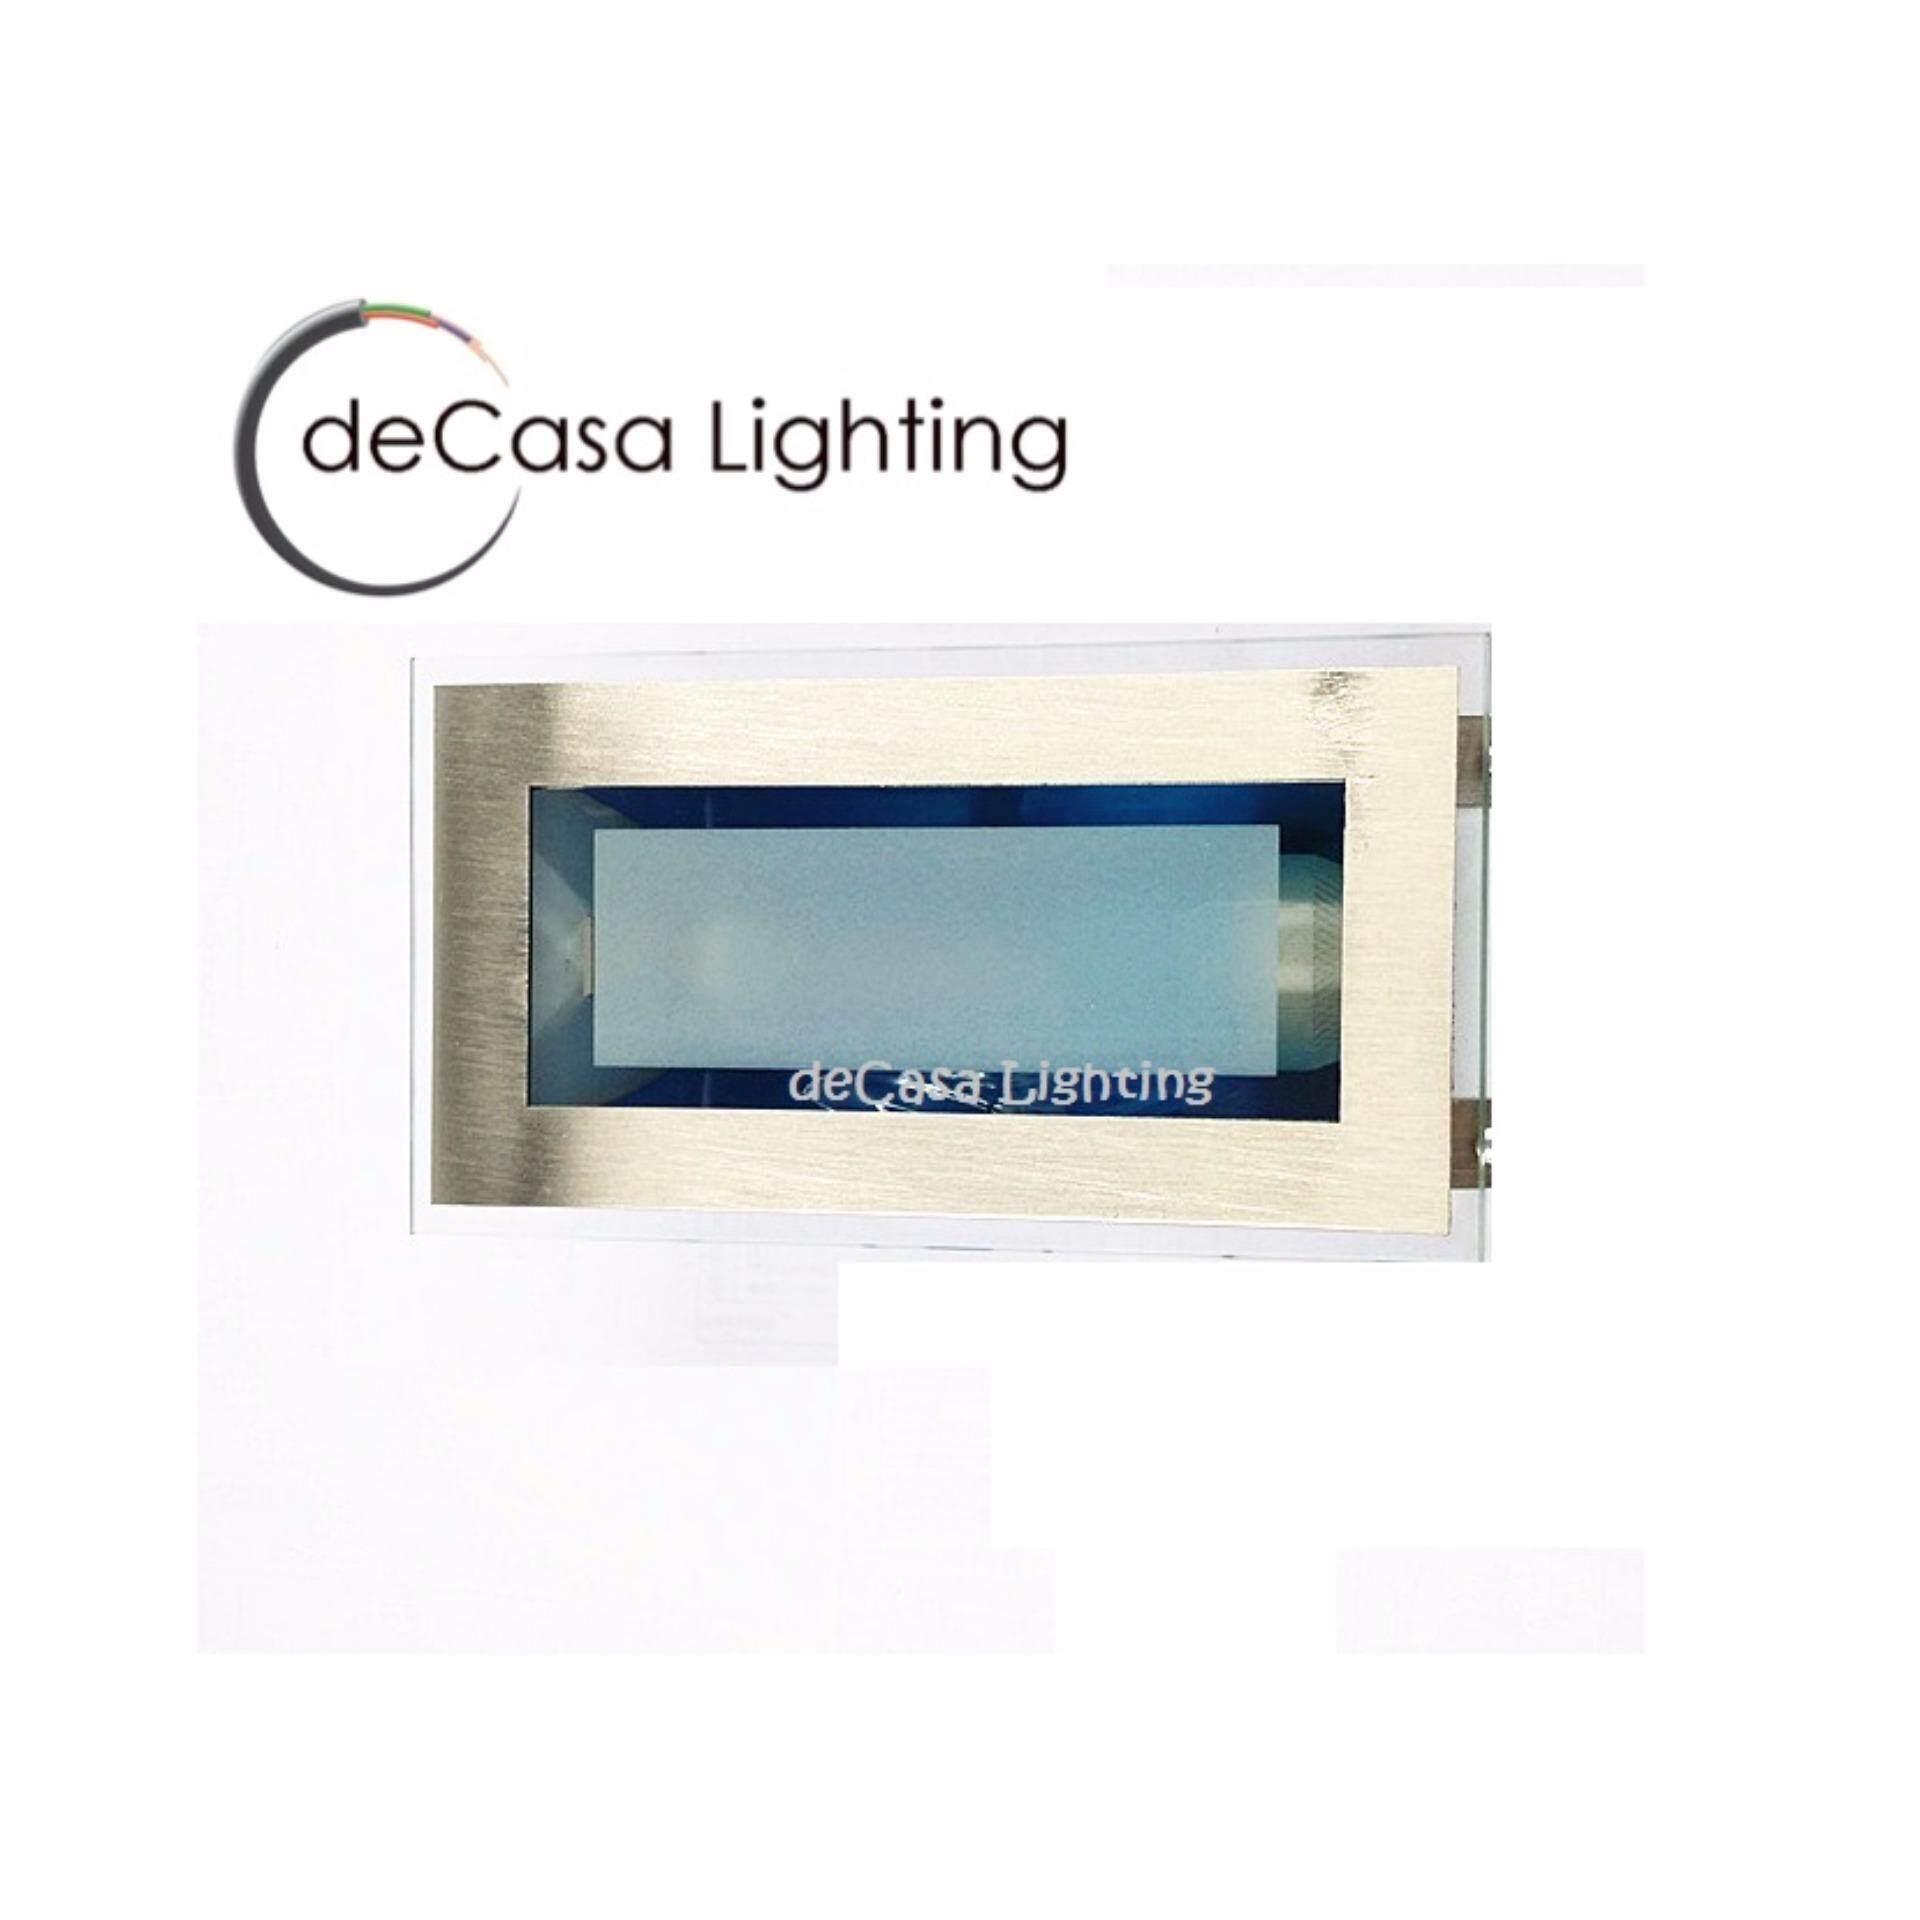 E27 Lamp Holder Recessed Ceiling Light Downlight Square DECASA  DOWNLIGHT CEILING LIGHT (NSB-BY203-2X3-SV)